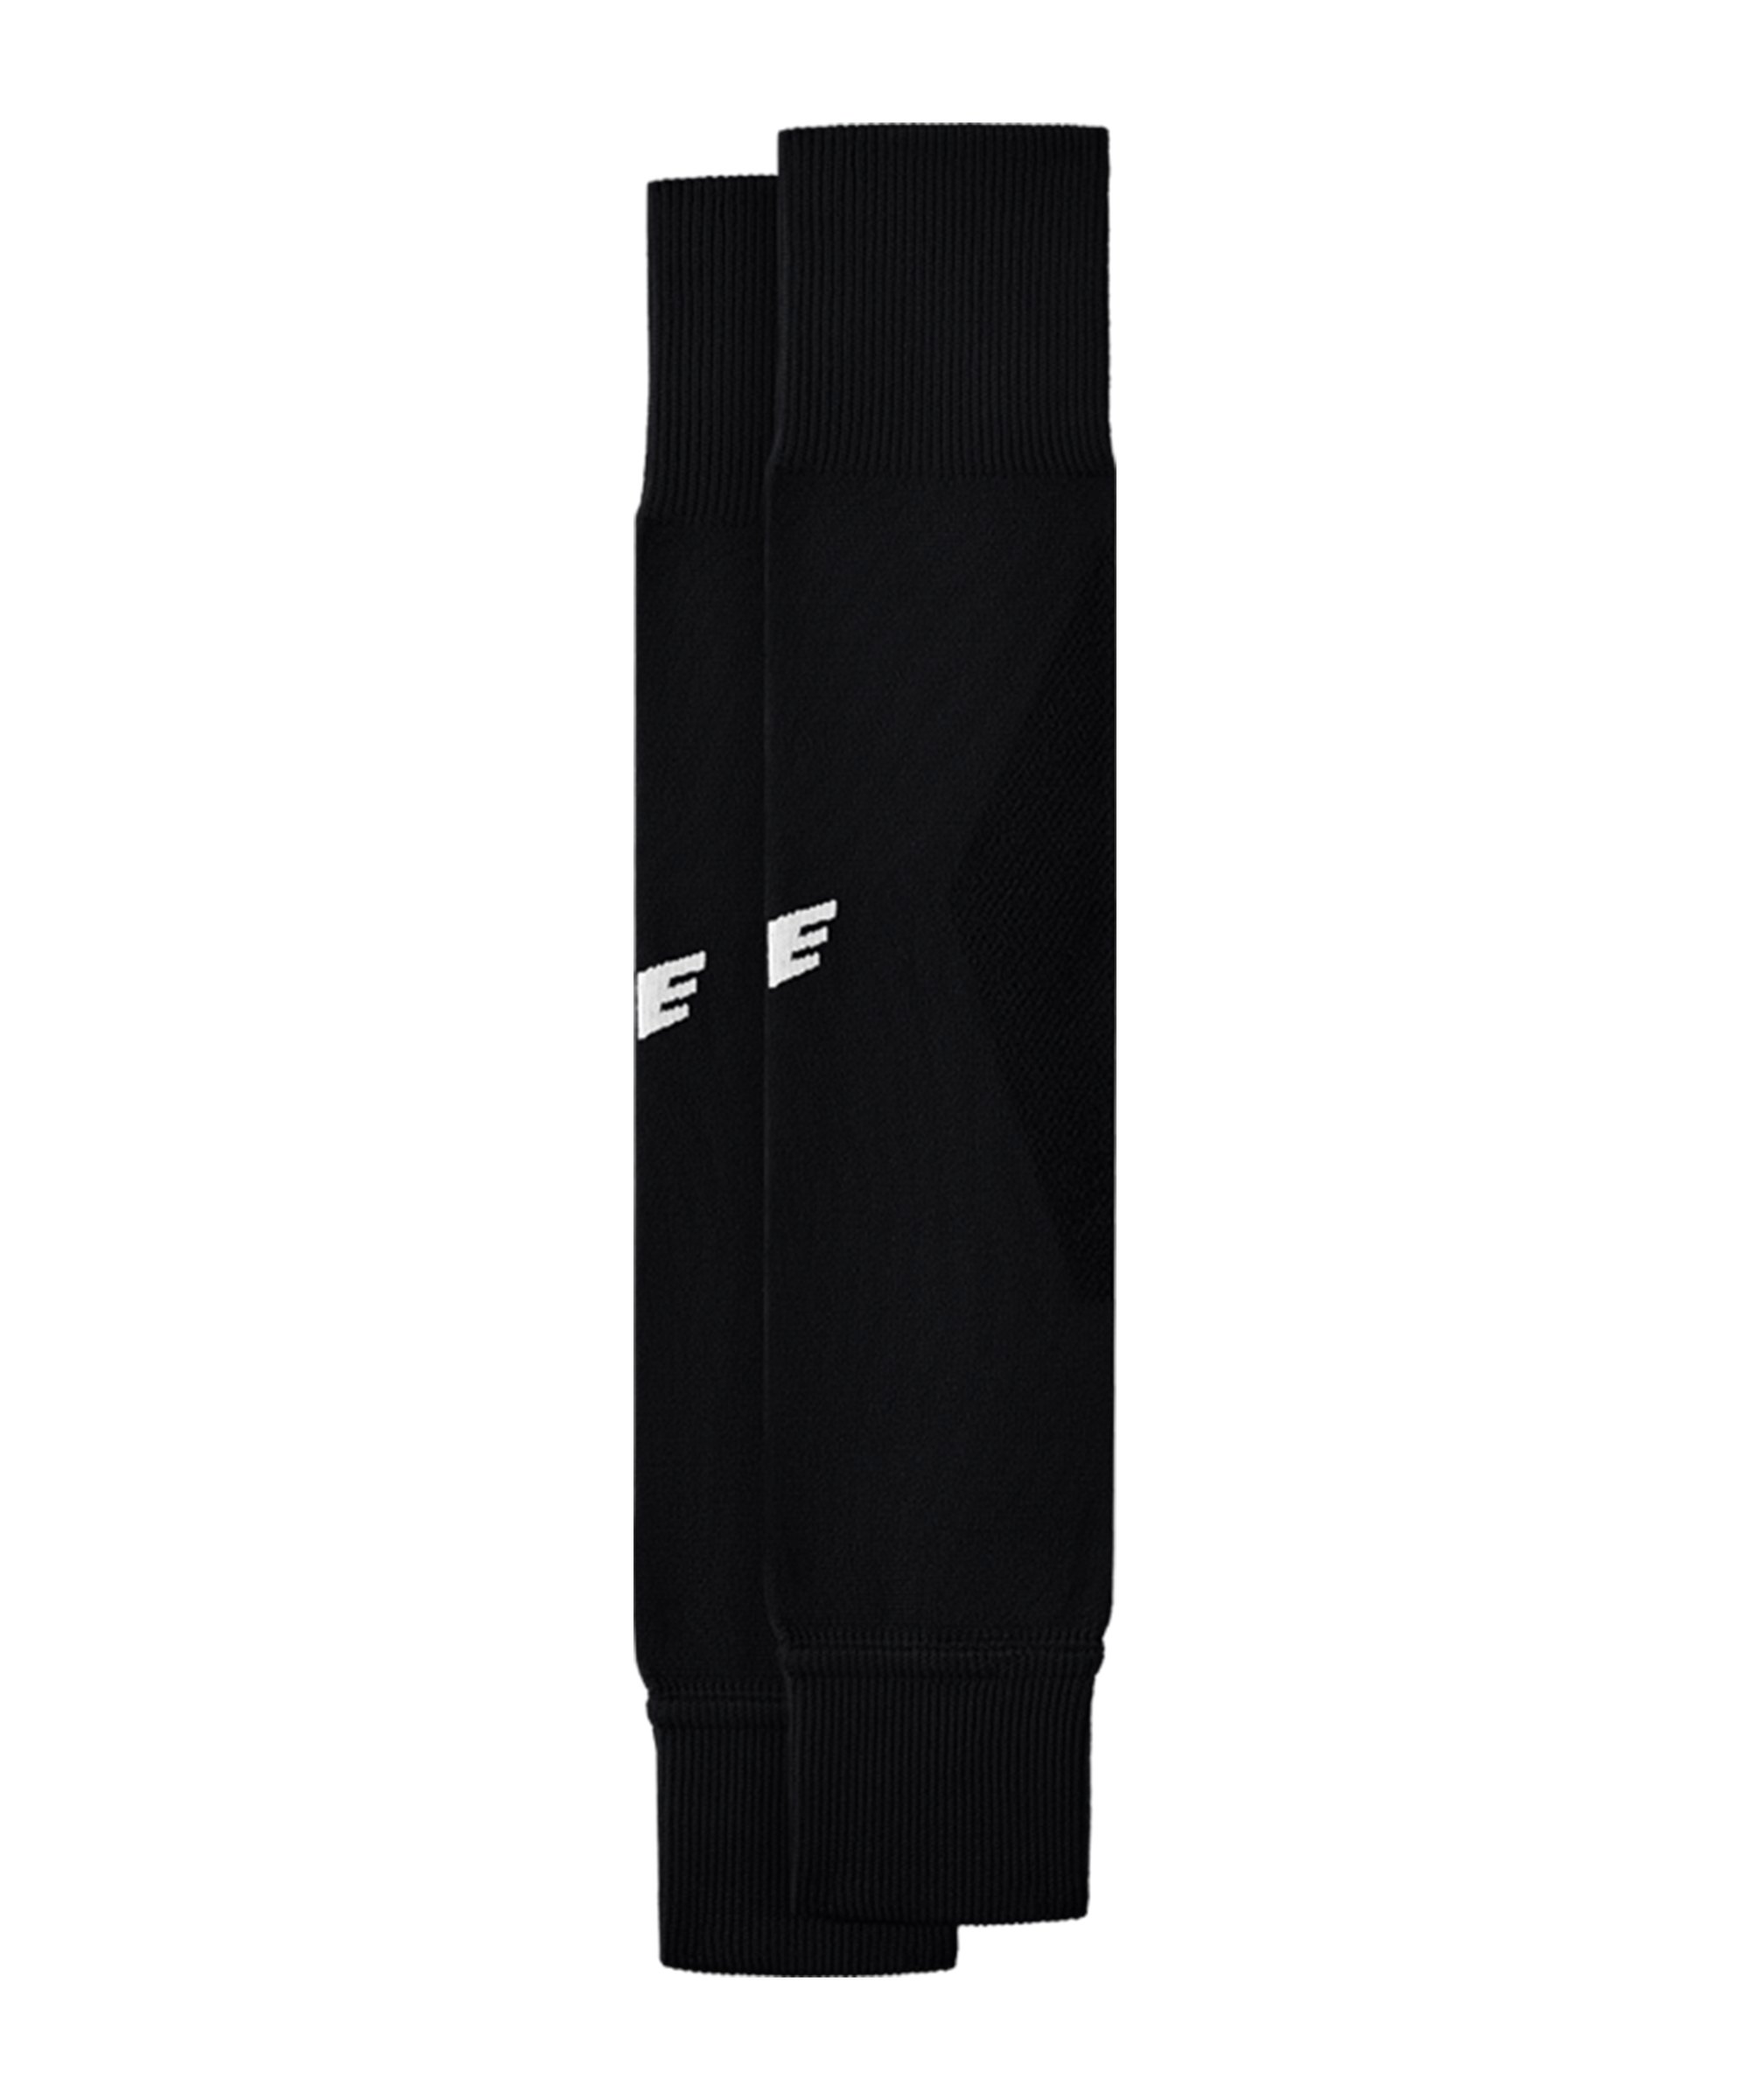 Erima Stulpen Socken Schwarz F950011 - schwarz